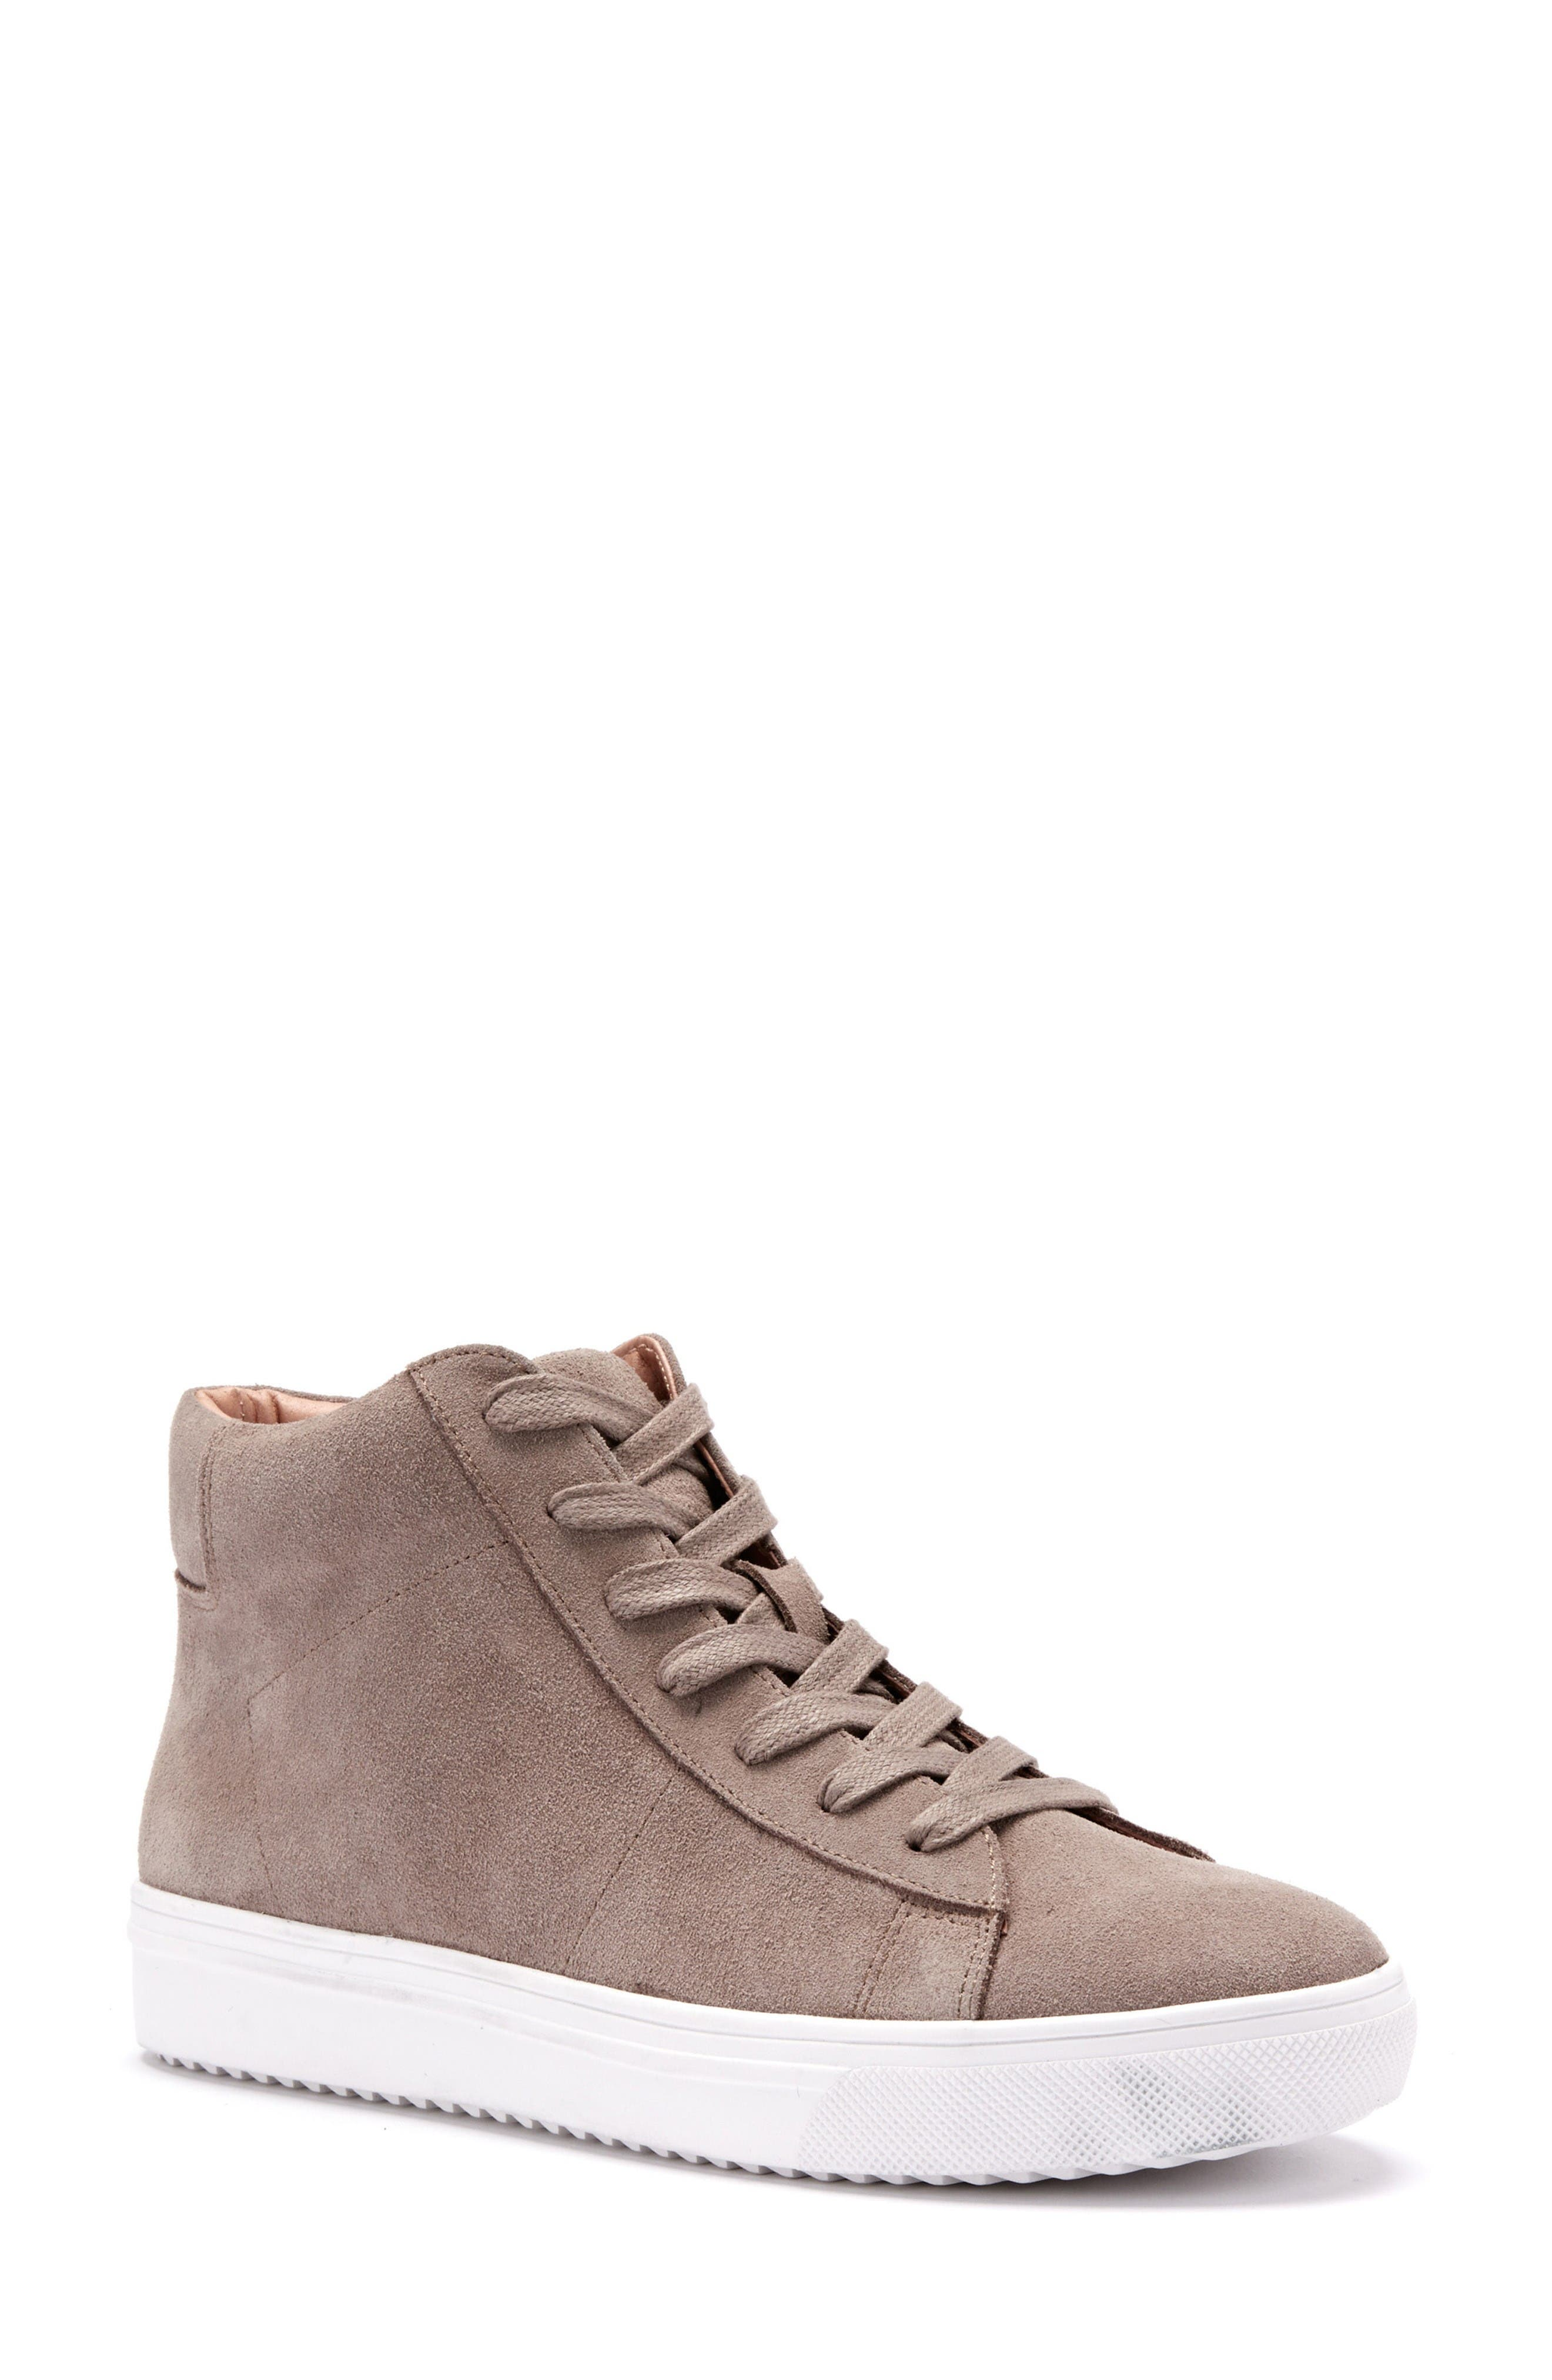 Alternate Image 1 Selected - Blondo Jax Waterproof High Top Sneaker (Women)